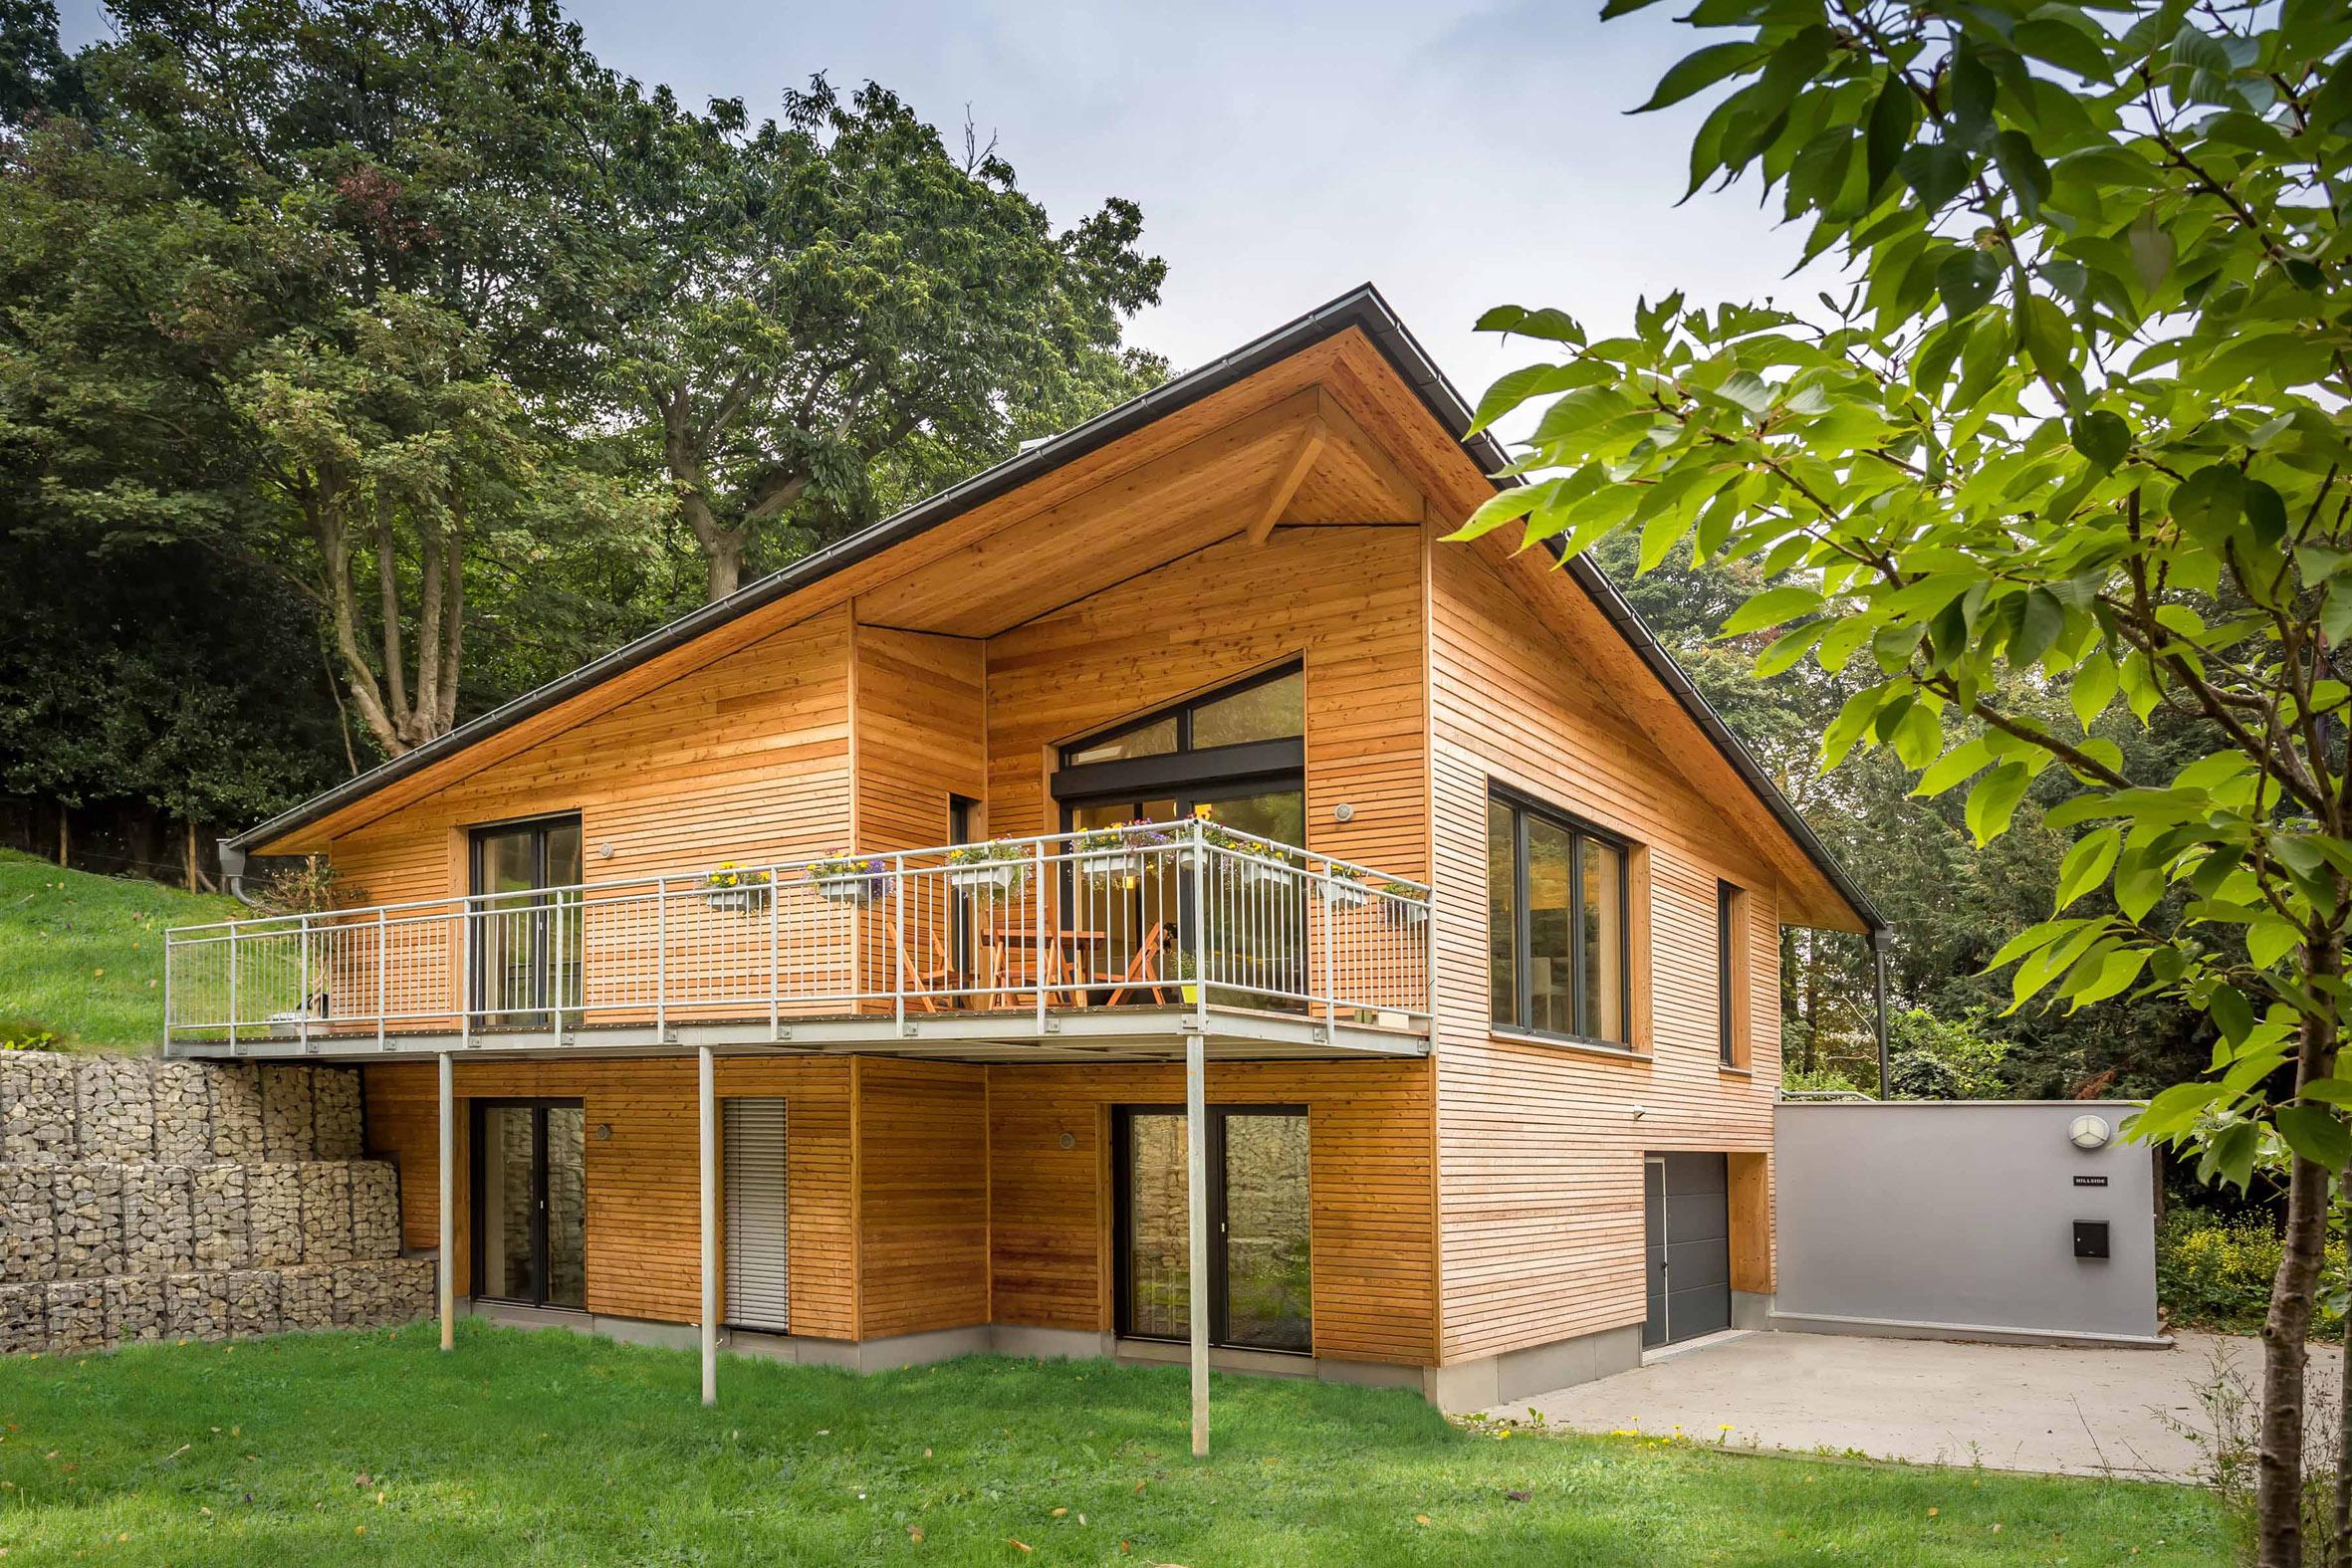 Holzhaus vor Bäumen